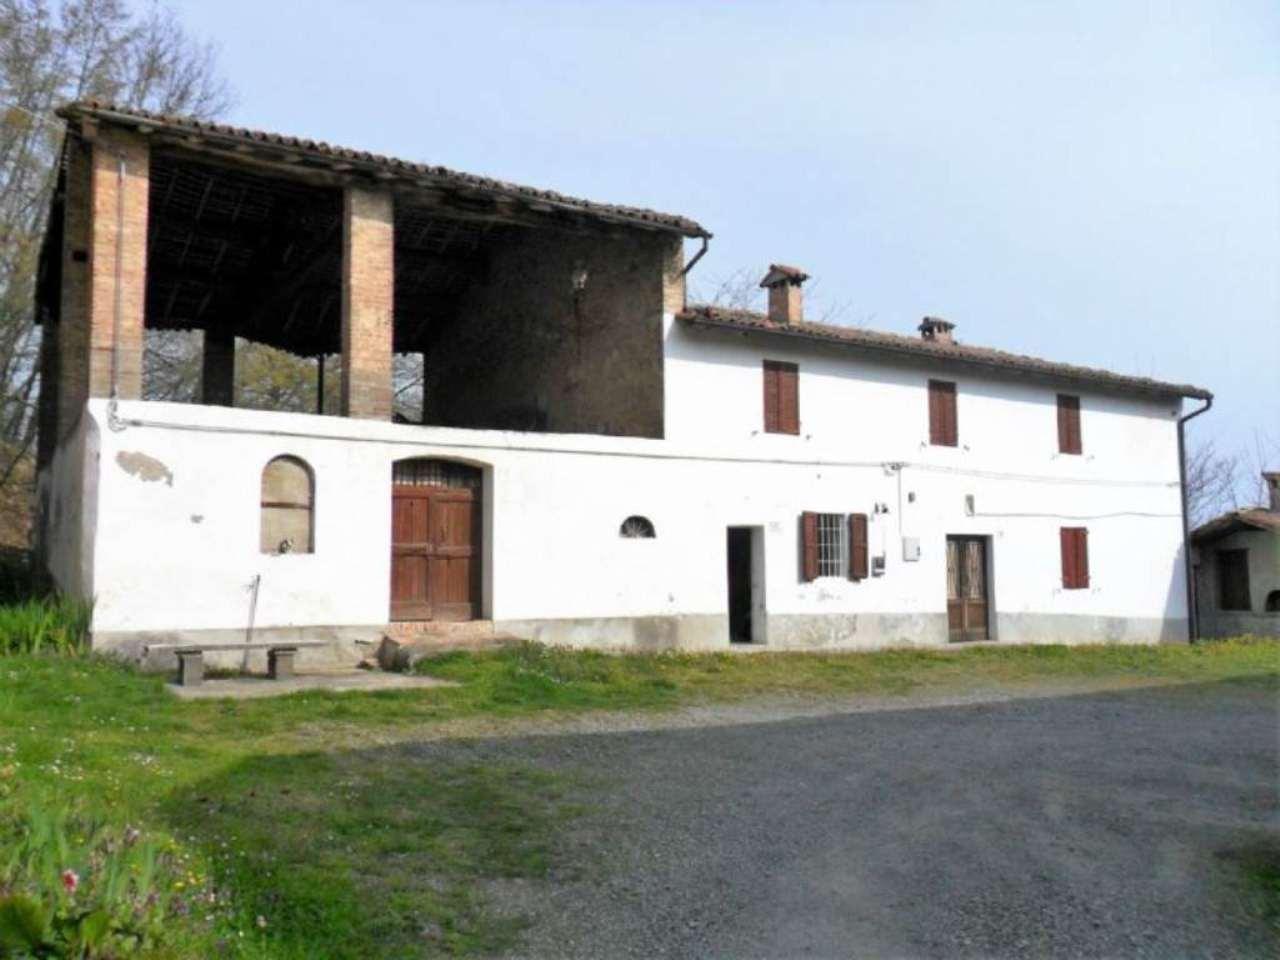 Rustico / Casale in vendita a Medesano, 3 locali, prezzo € 40.000 | Cambio Casa.it